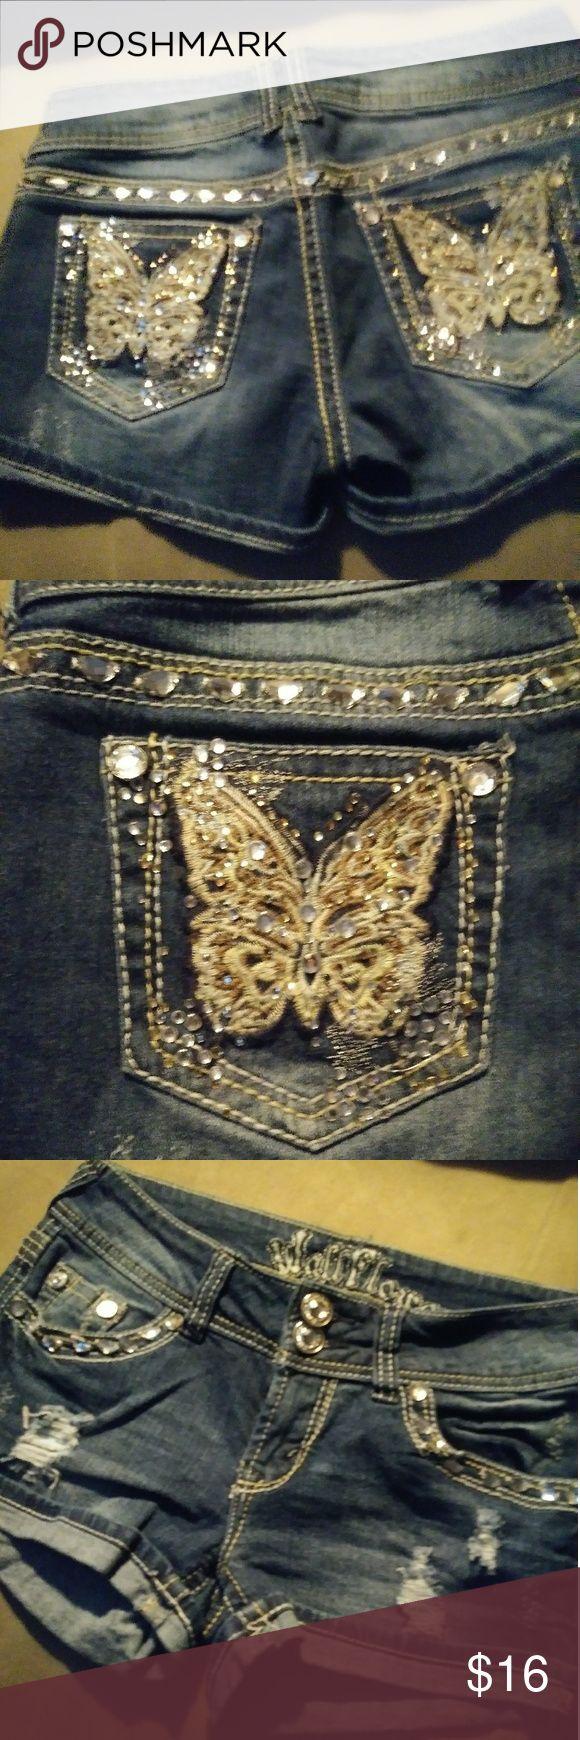 Wallflower jean shorts Wallflower size 5, gemstone detailing, butterfly on back pockets. Great condition Wallflower Shorts Jean Shorts